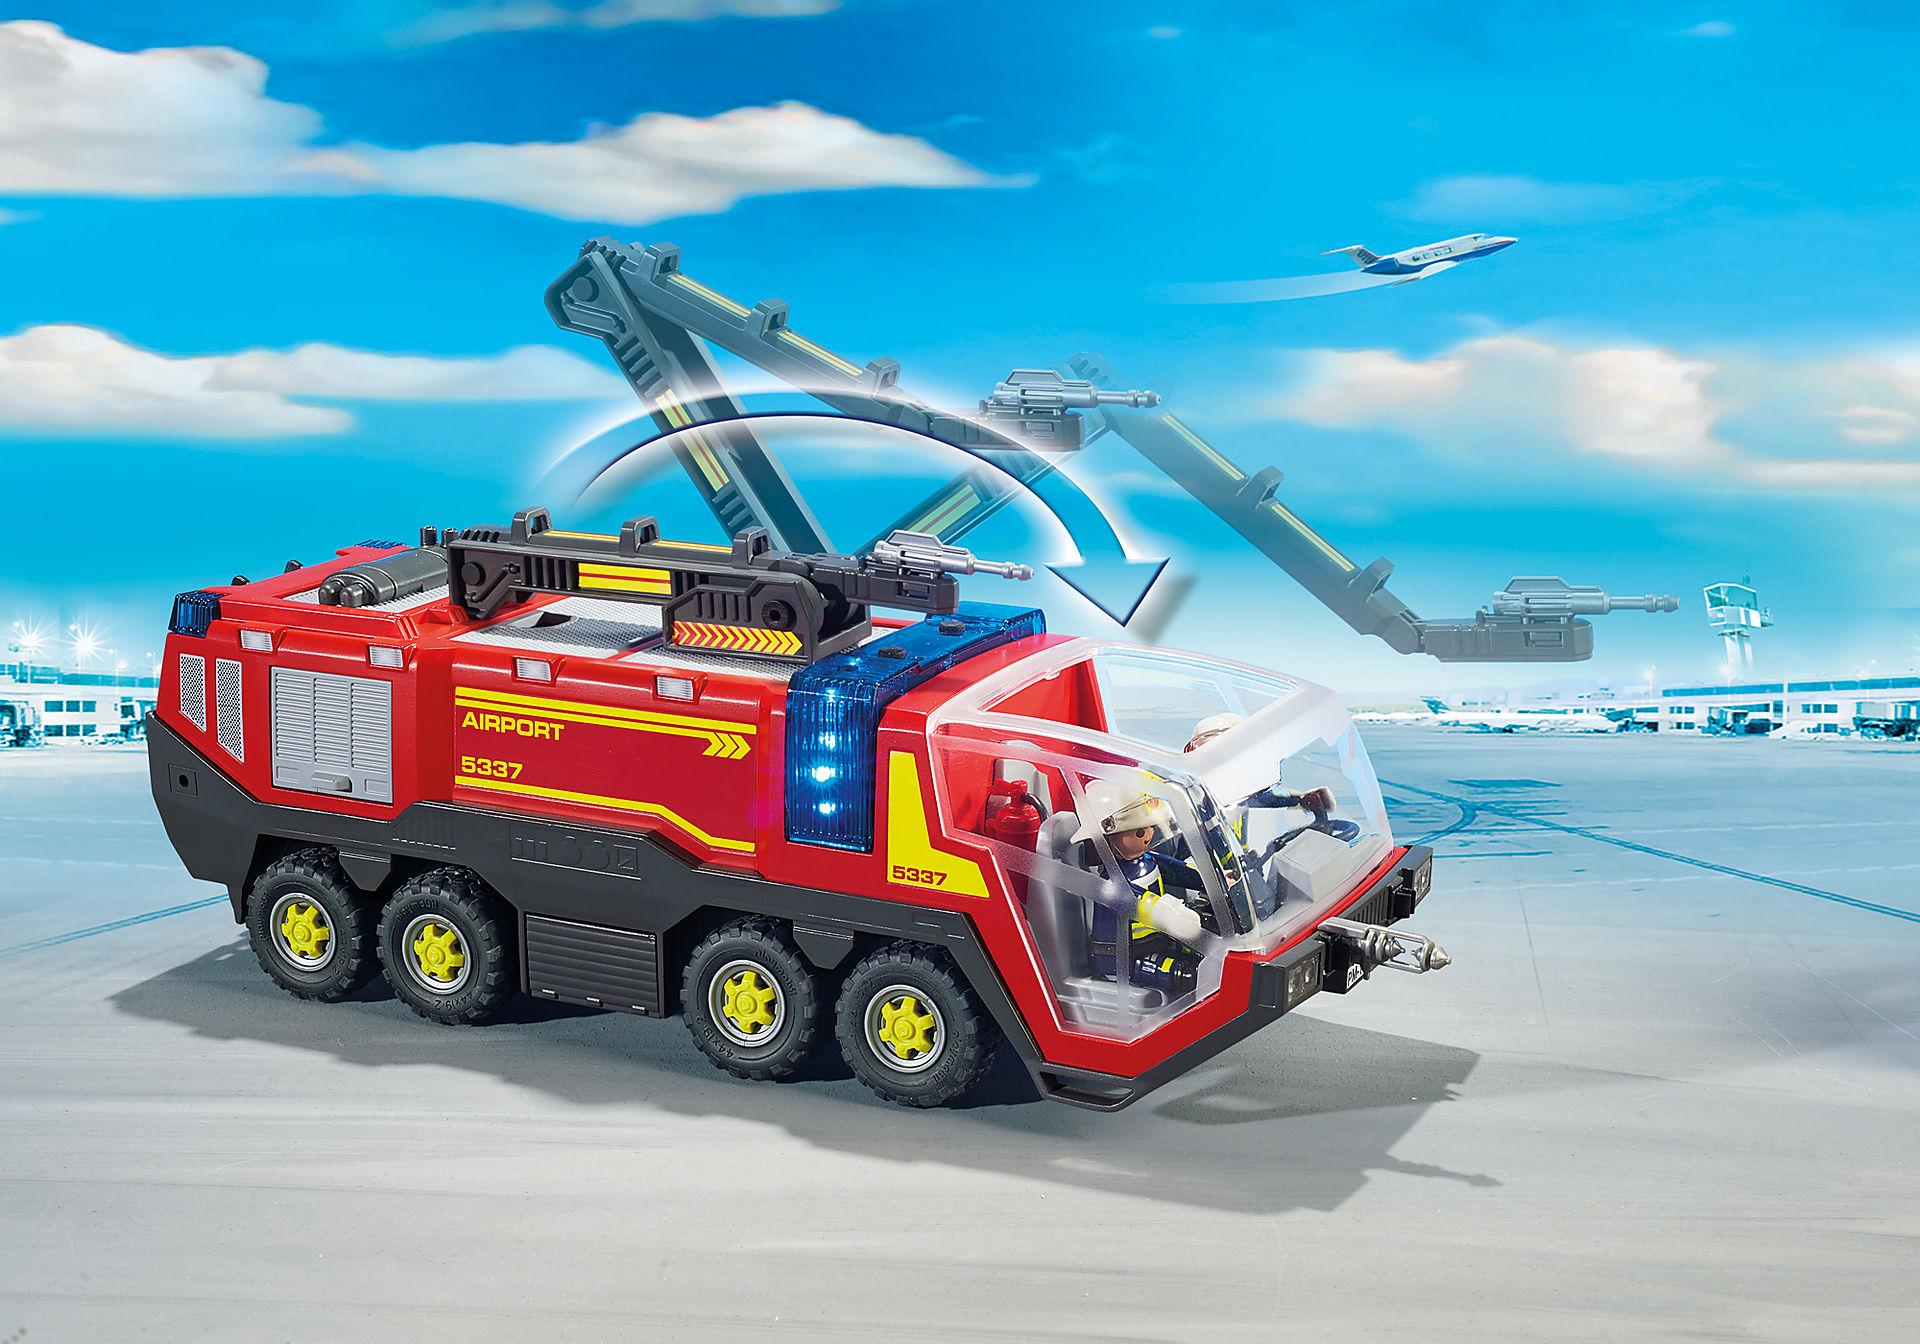 5337 Camión Bomberos Aeropuerto zoom image8